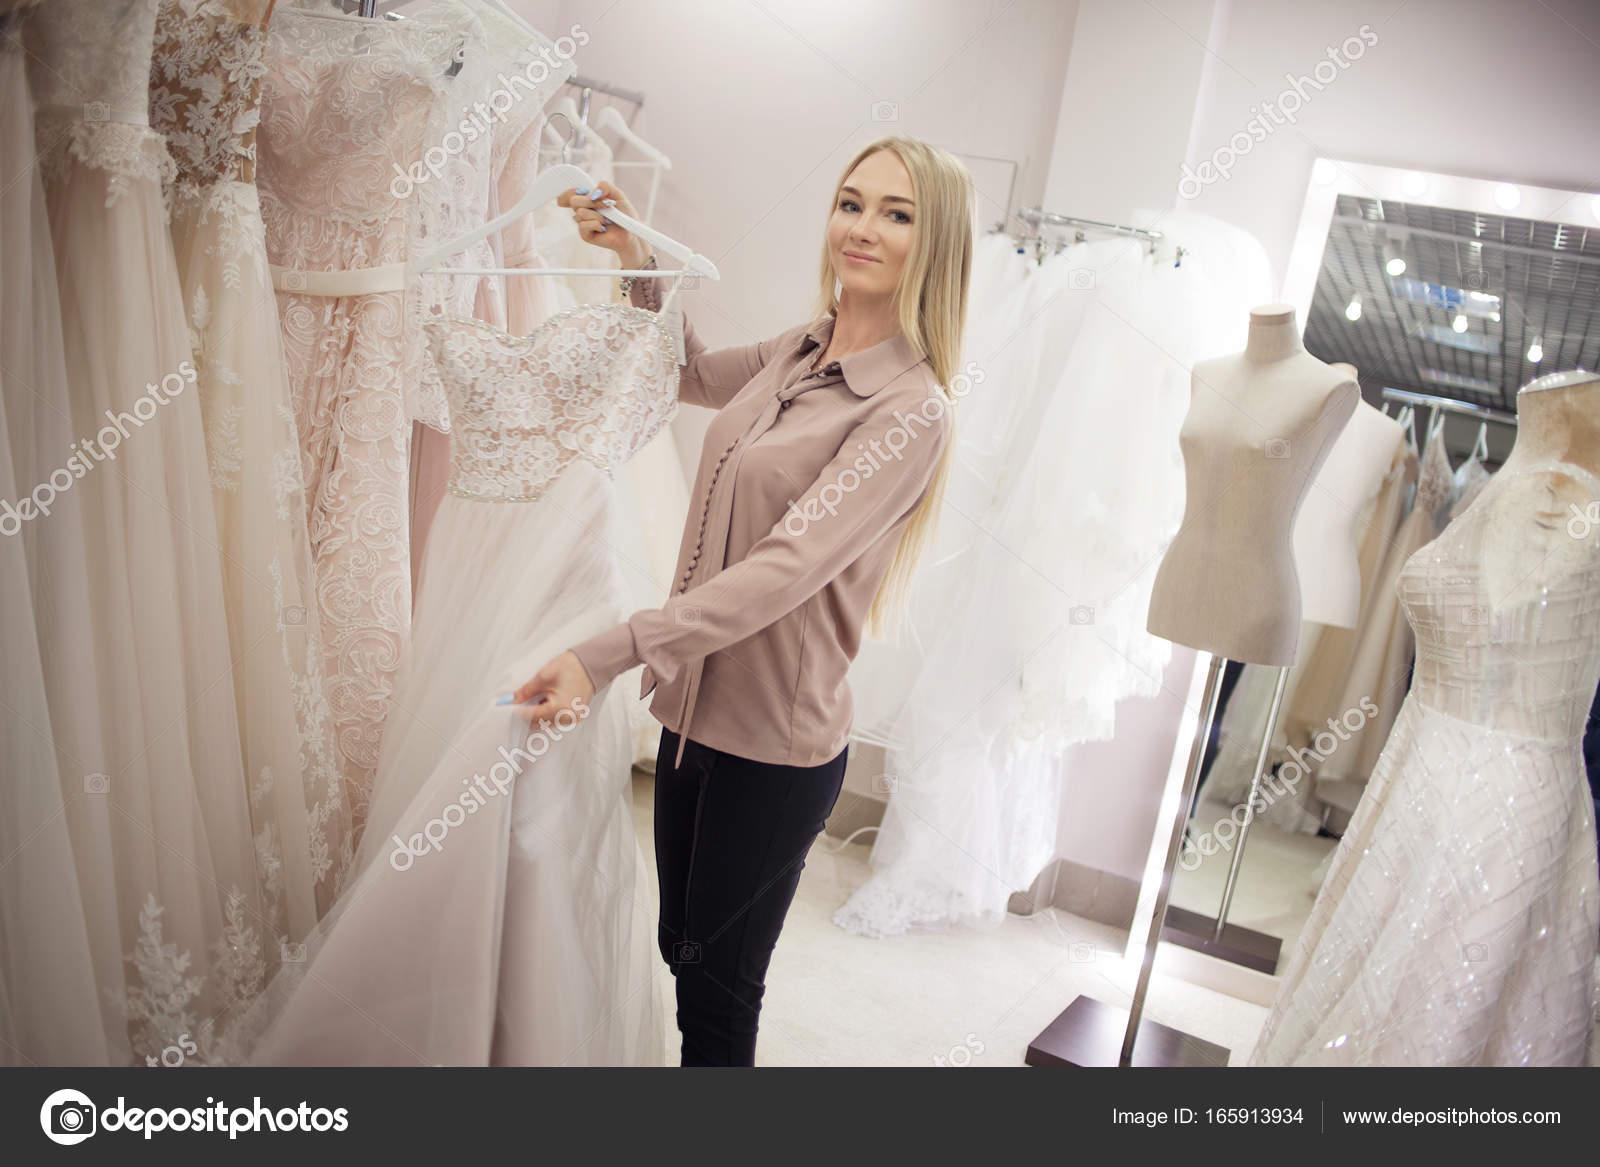 fb6719914a4861 Успішний бізнес молода жінка в її Весільний салон. Красива дівчина  підприємець. Вибрати наряд для весілля — Фото від KrisCole